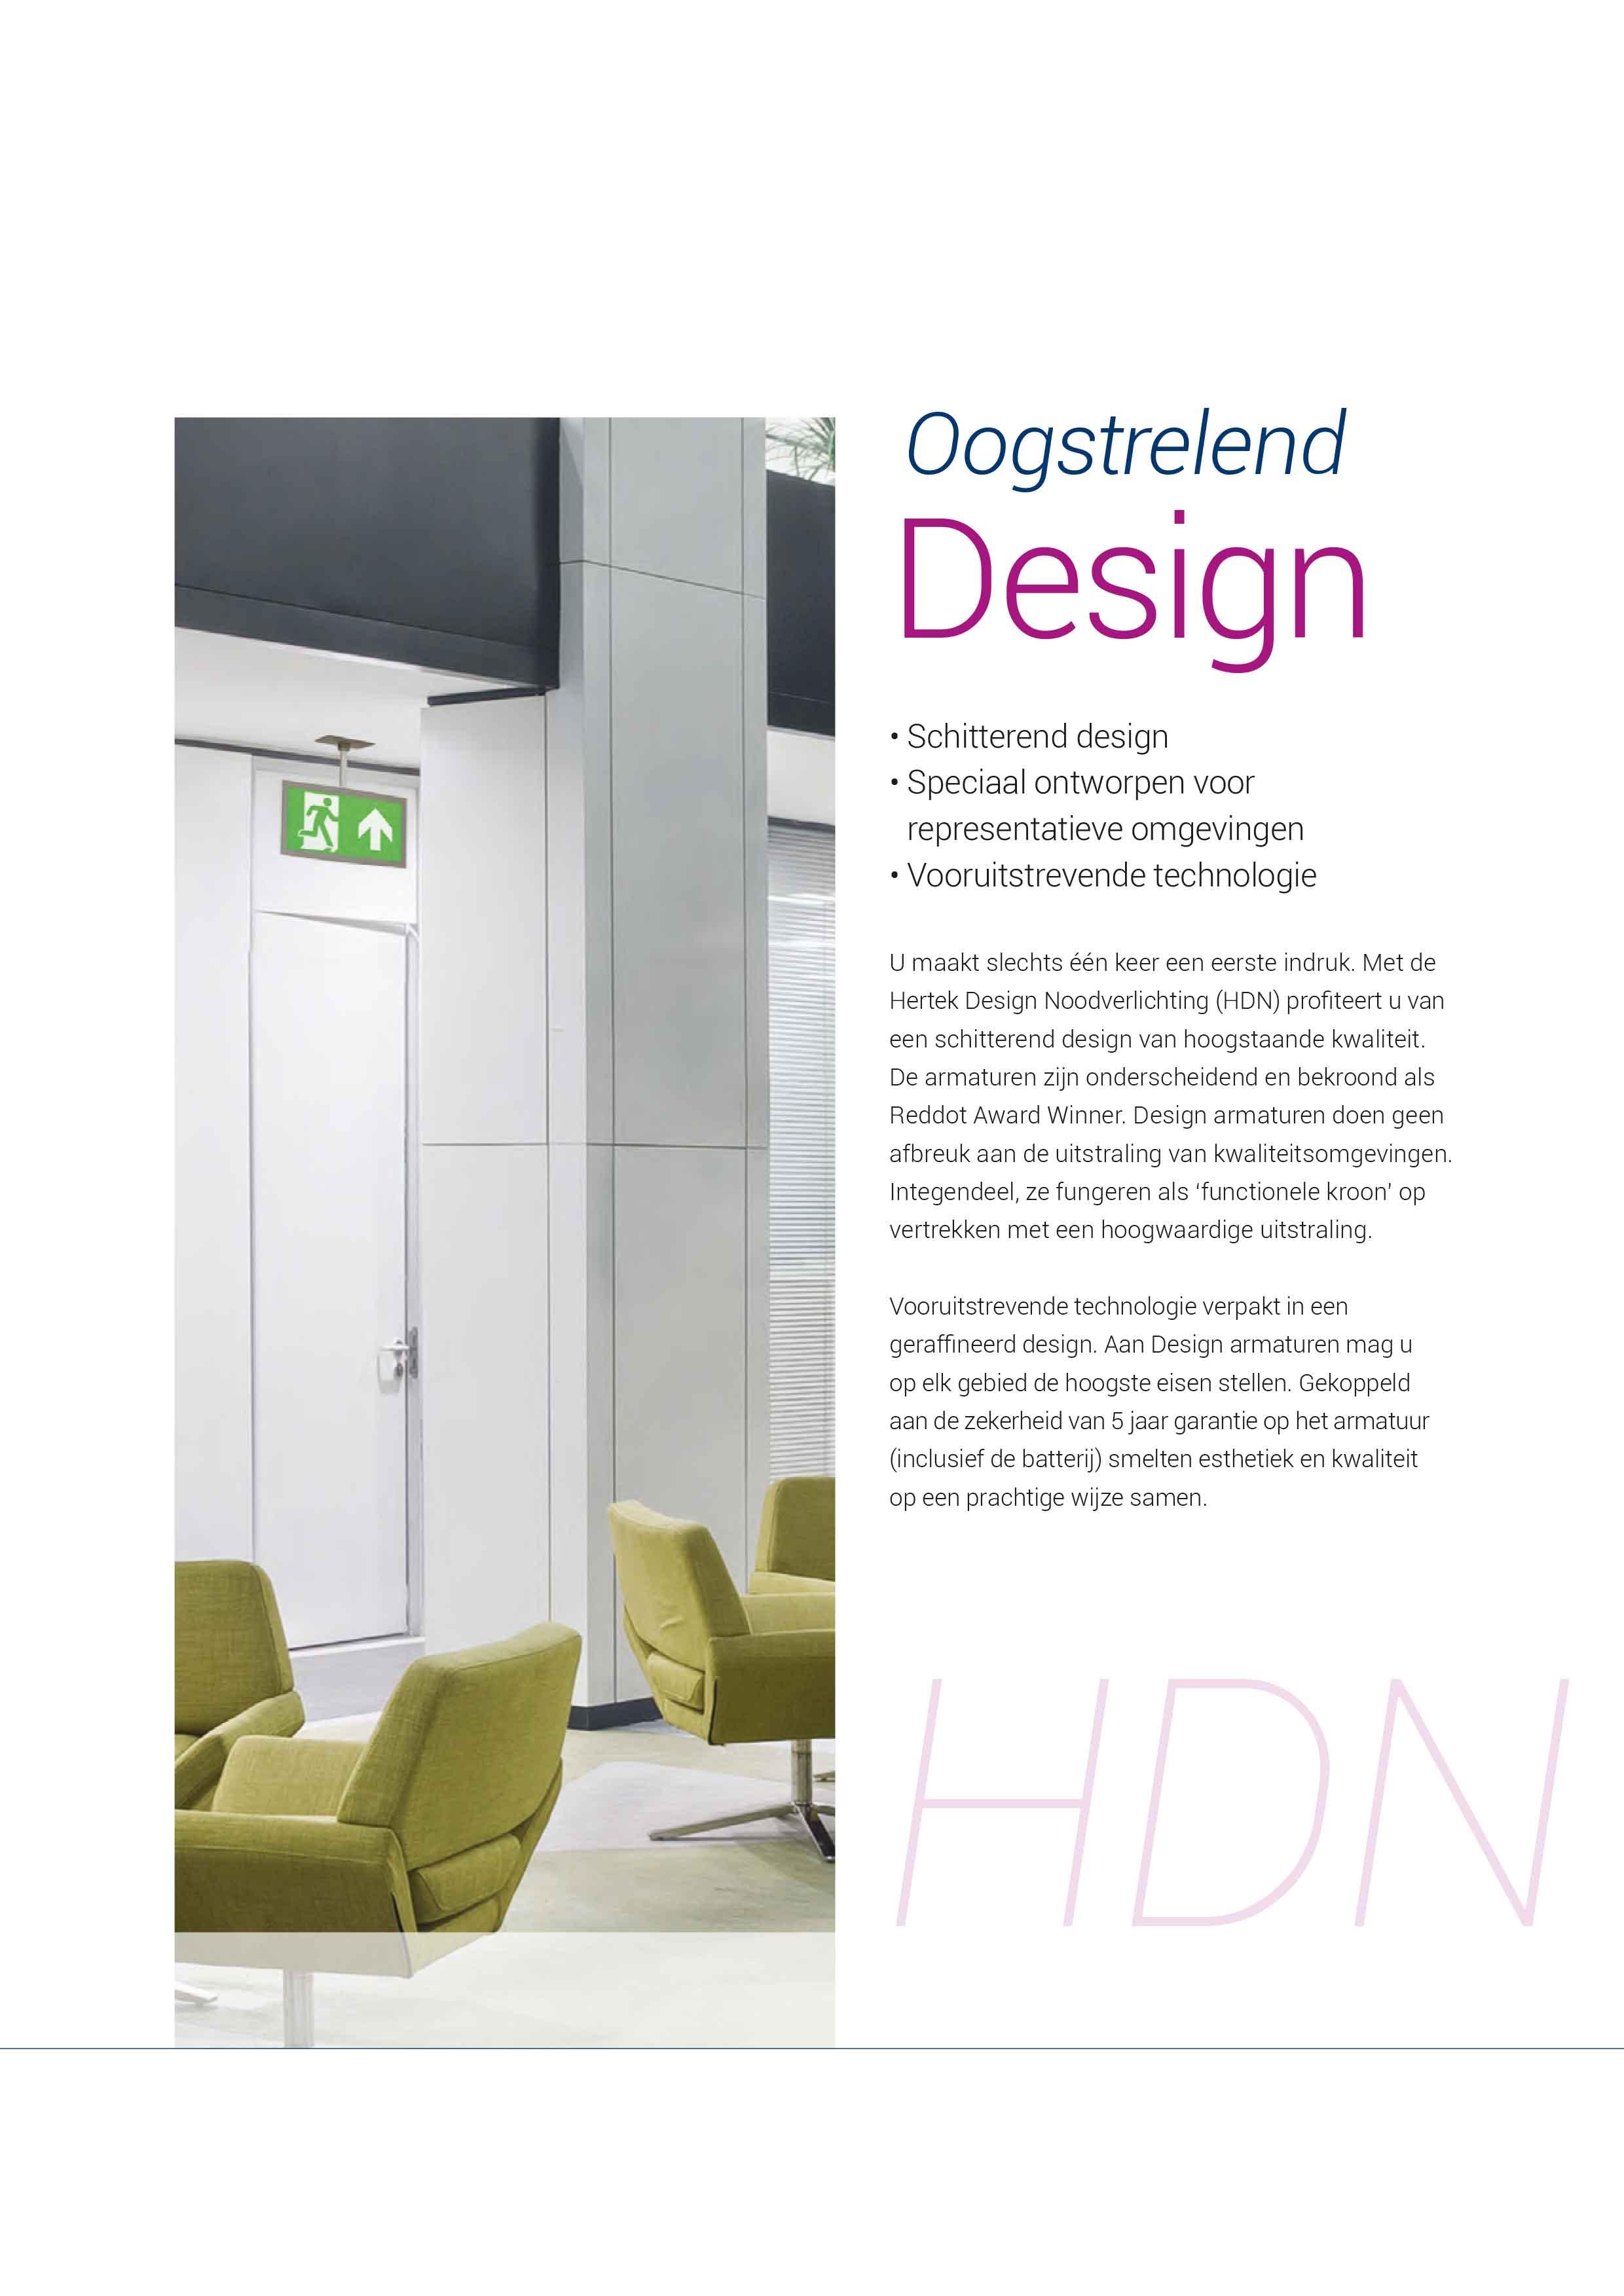 design-noodverlichting-hoofdpagina